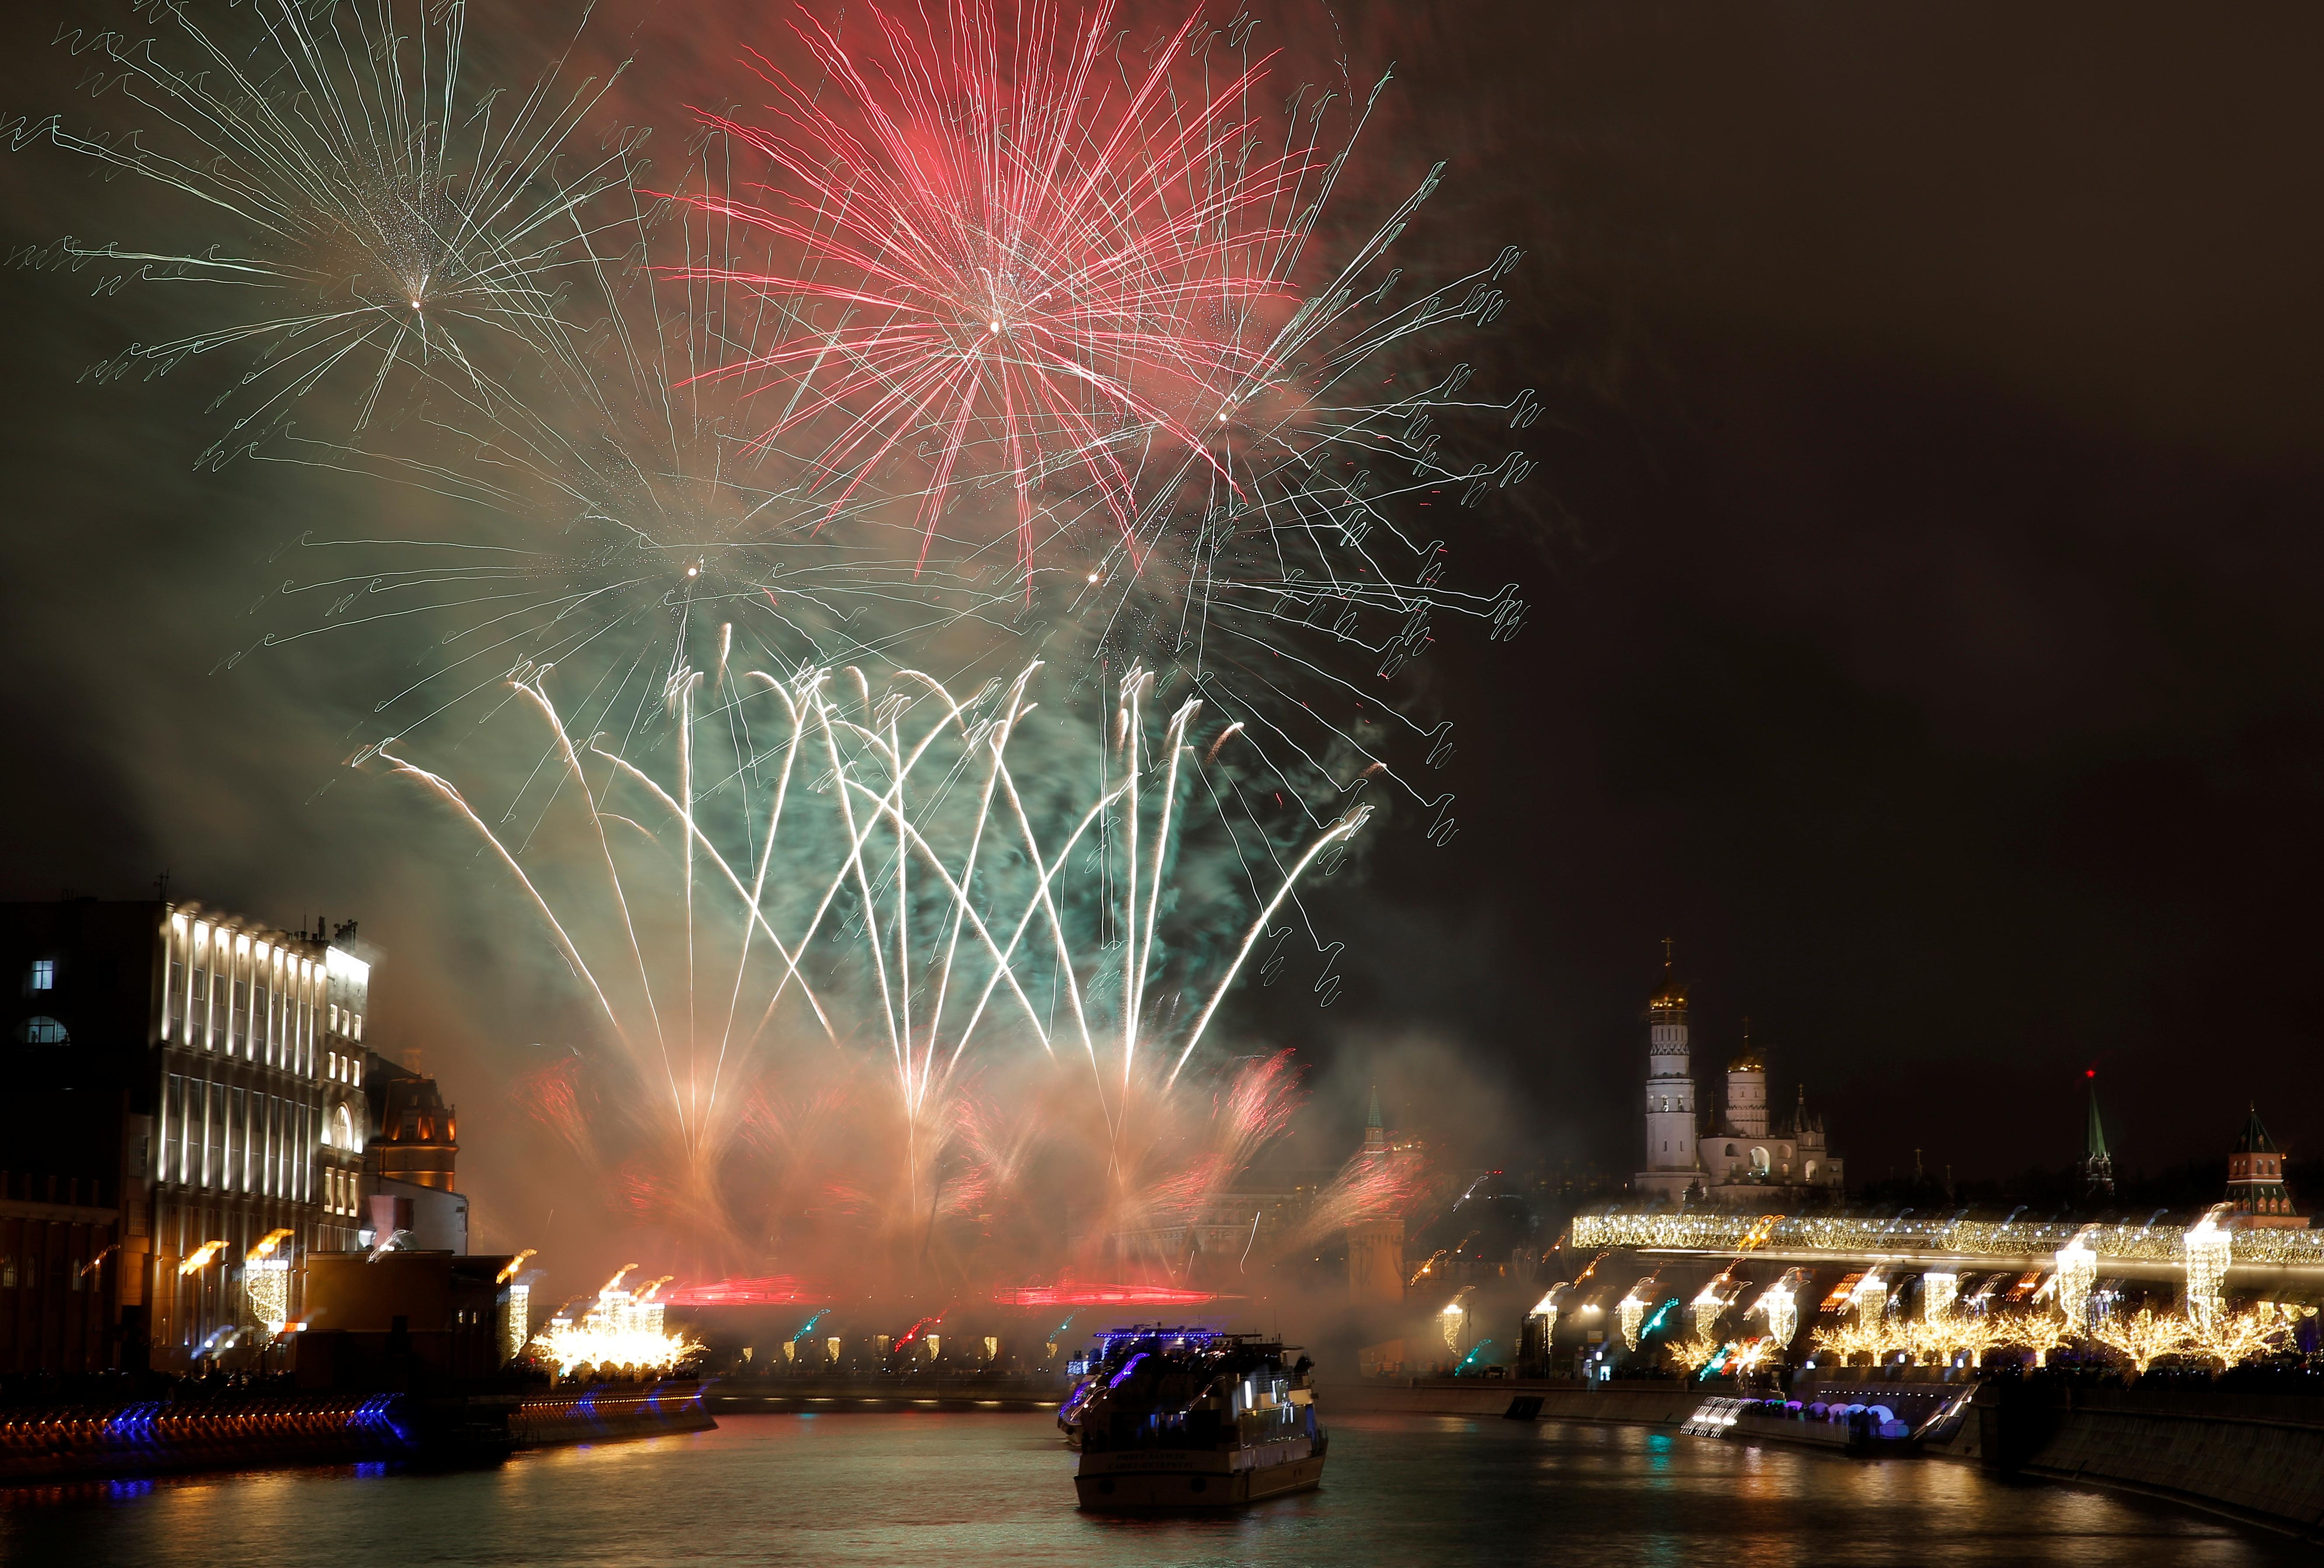 El cielo de Moscú, Rusia, iluminado por fuegos artificiales durante las celebraciones de Año Nuevo (REUTERS/Maxim Shemetov)